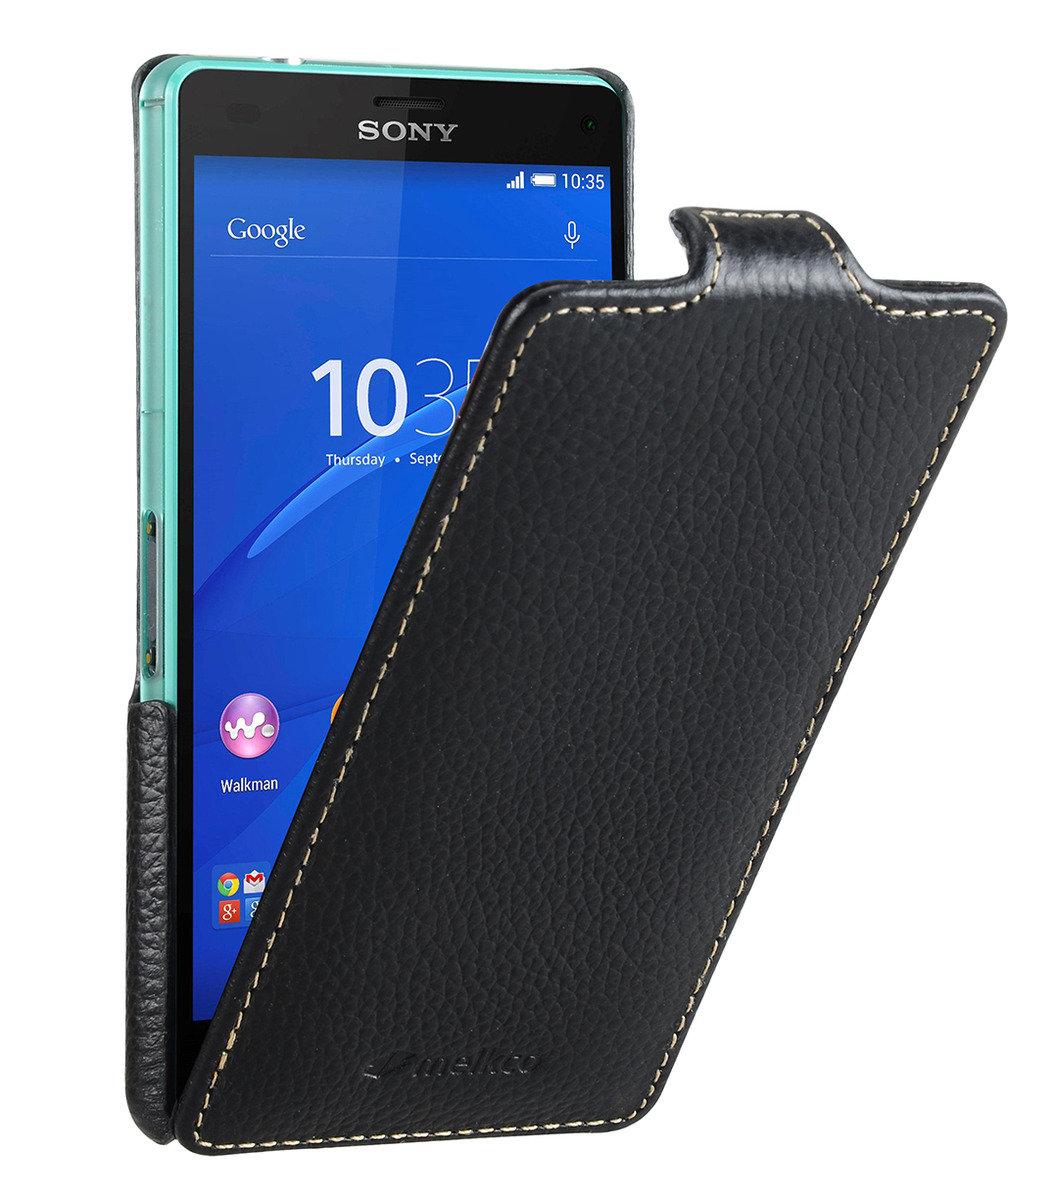 Sony Xperia Z3 Compact / Z3 Mini Jacka Type 高級真皮革手機套 (黑色荔枝條紋)